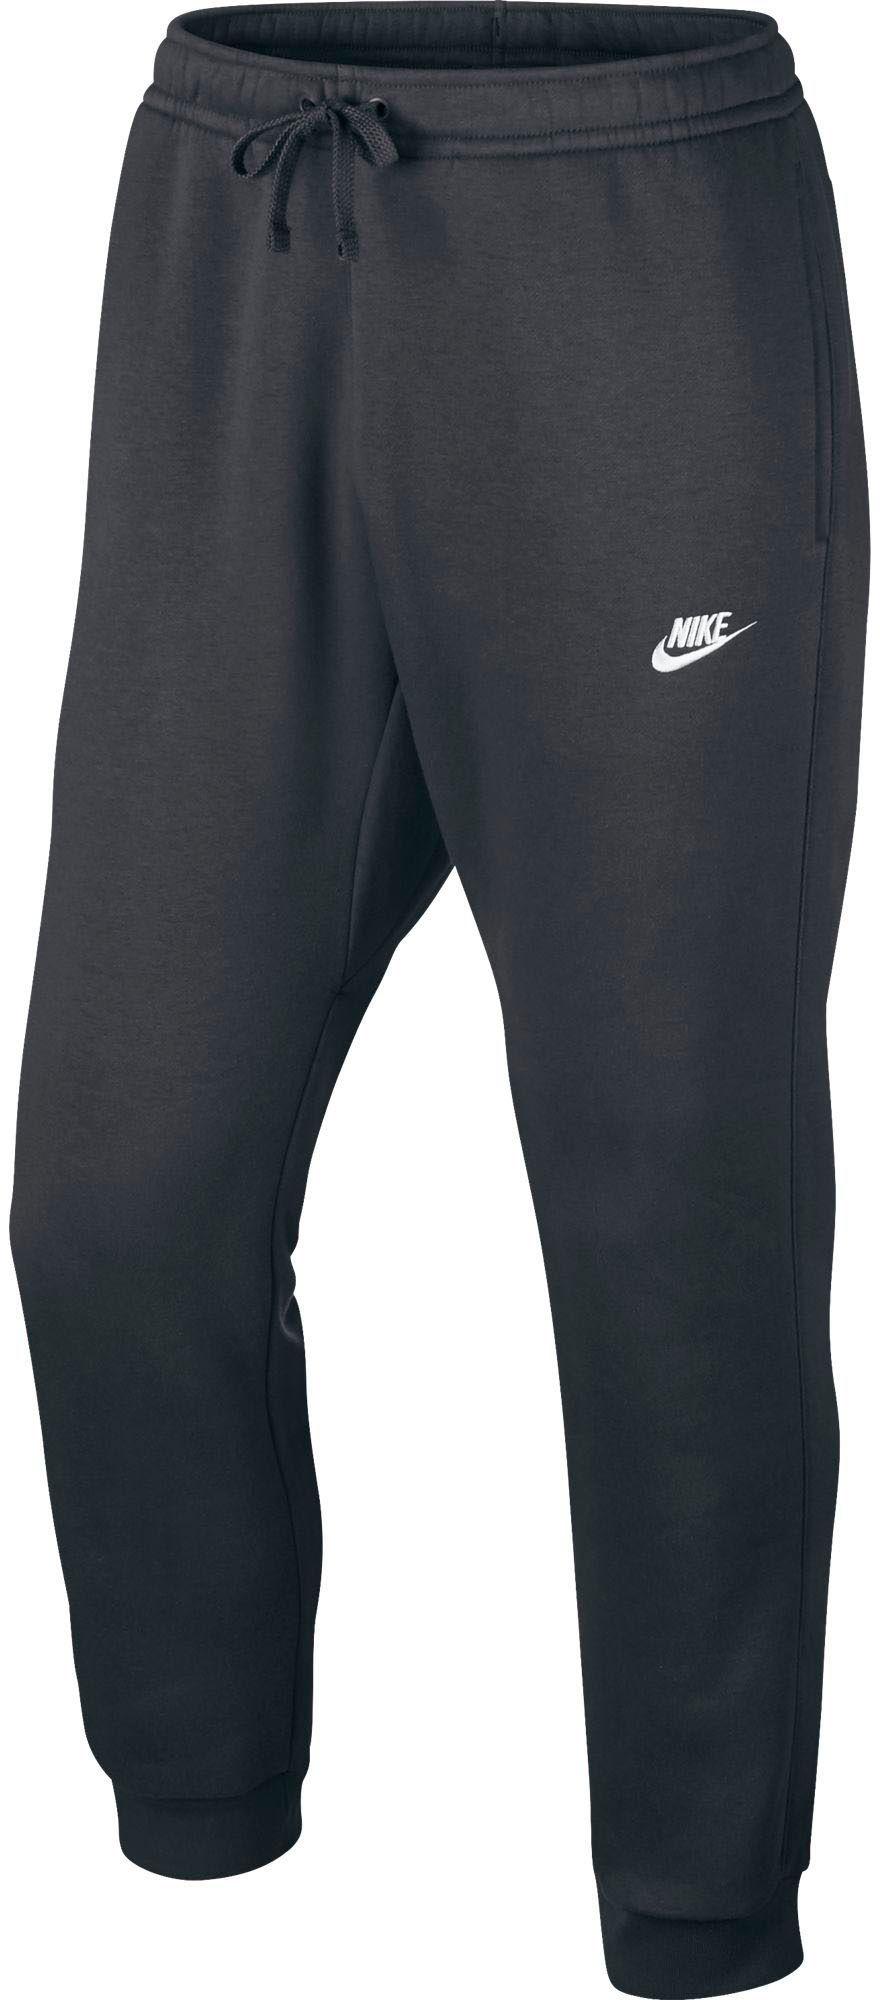 07b17d8bf Nike Men's Sportswear Club Fleece Jogger Pants, Size: XXXL, Charcoal  Heather/White